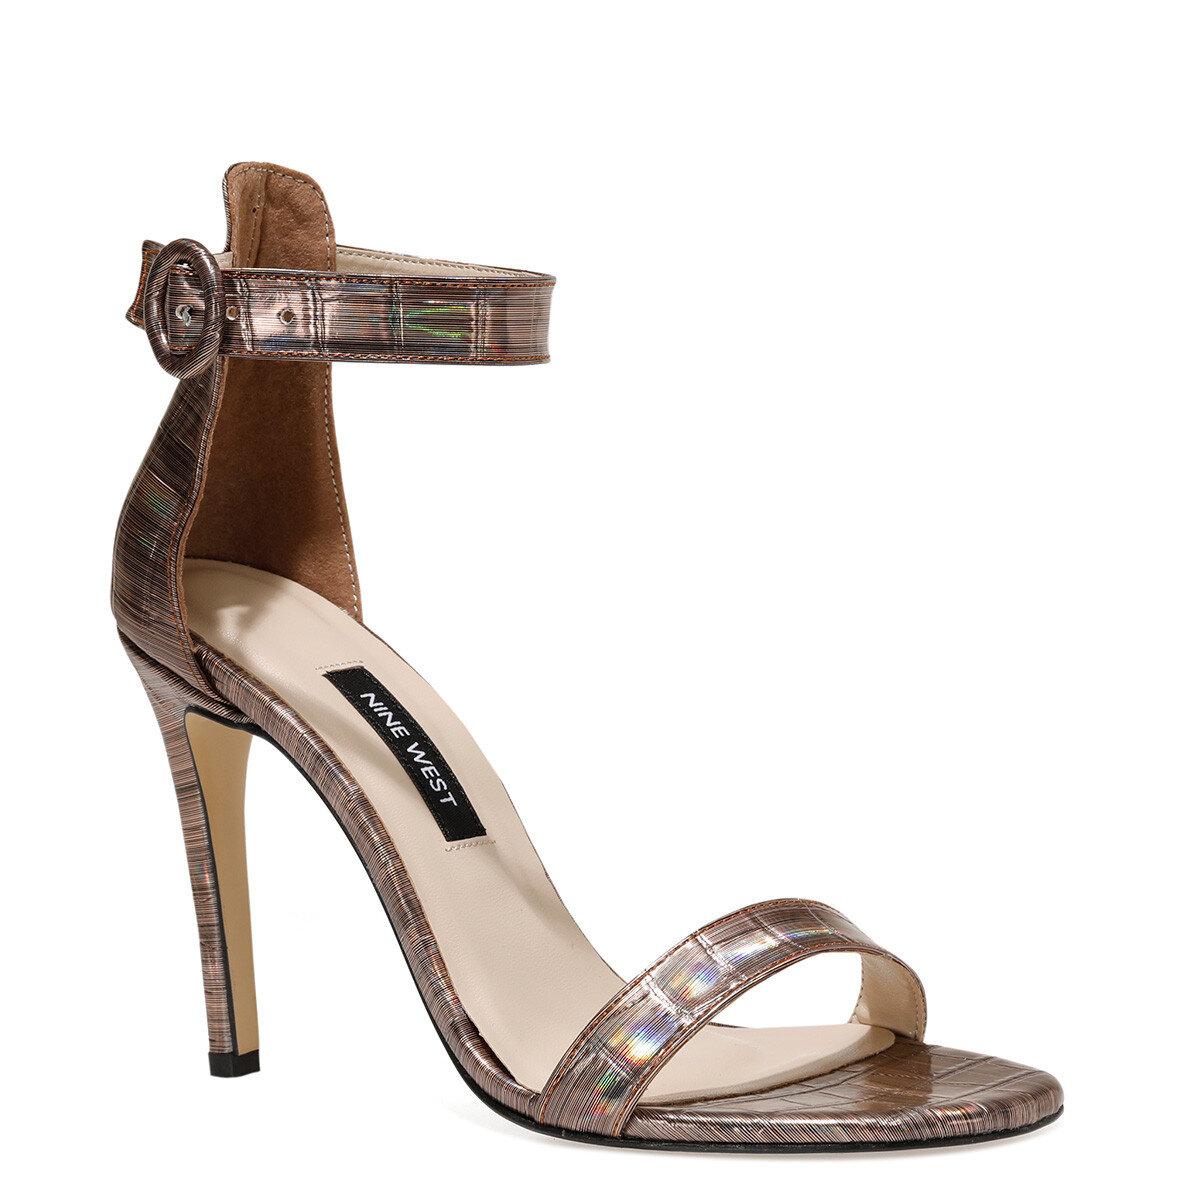 LINDIT Bronz Kadın Topuklu Ayakkabı